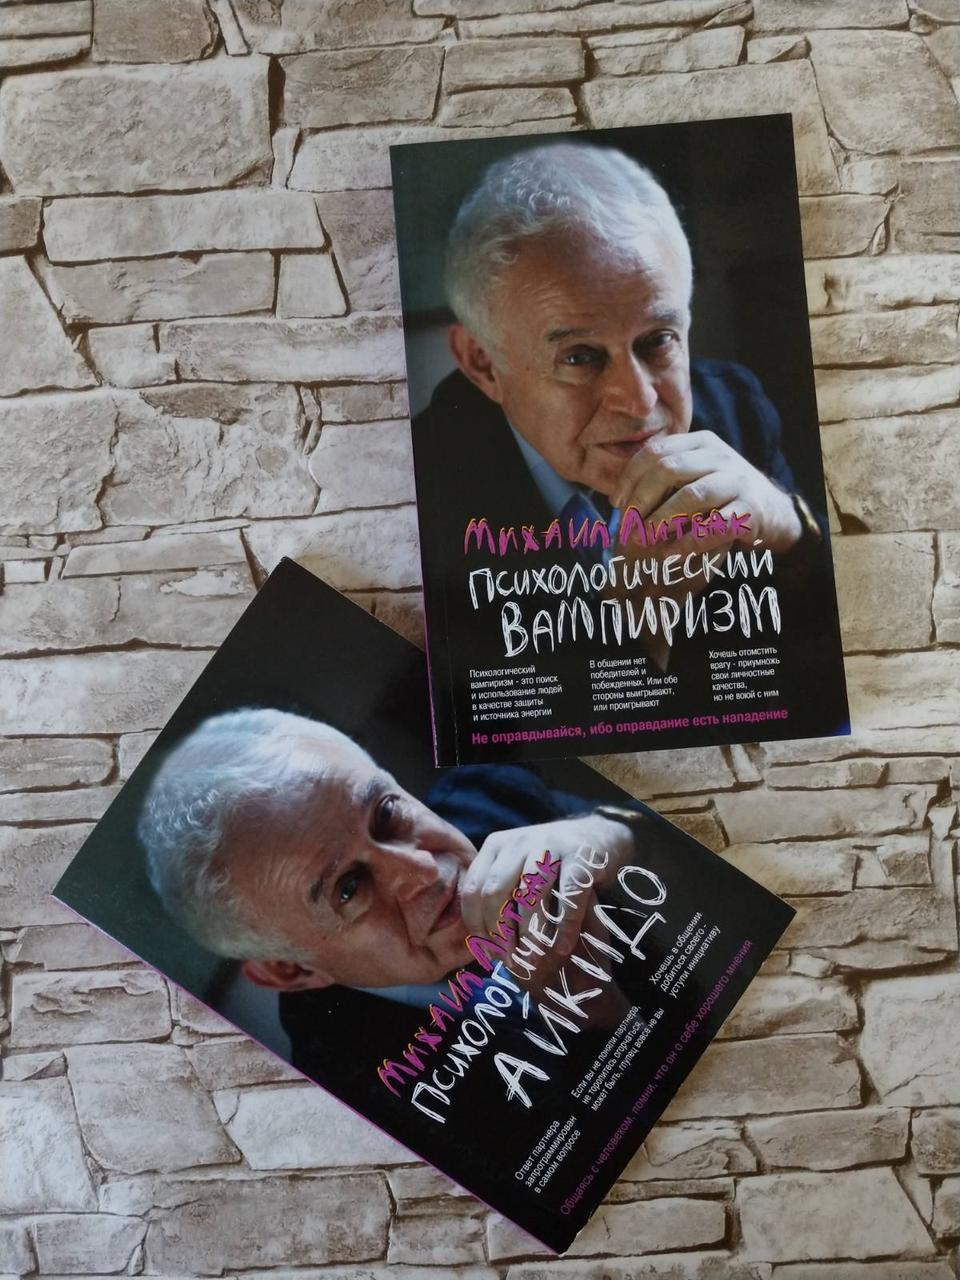 """Набор книг """"Психологическое айкидо"""", """"Психологический вампиризм"""" М. Литвак"""